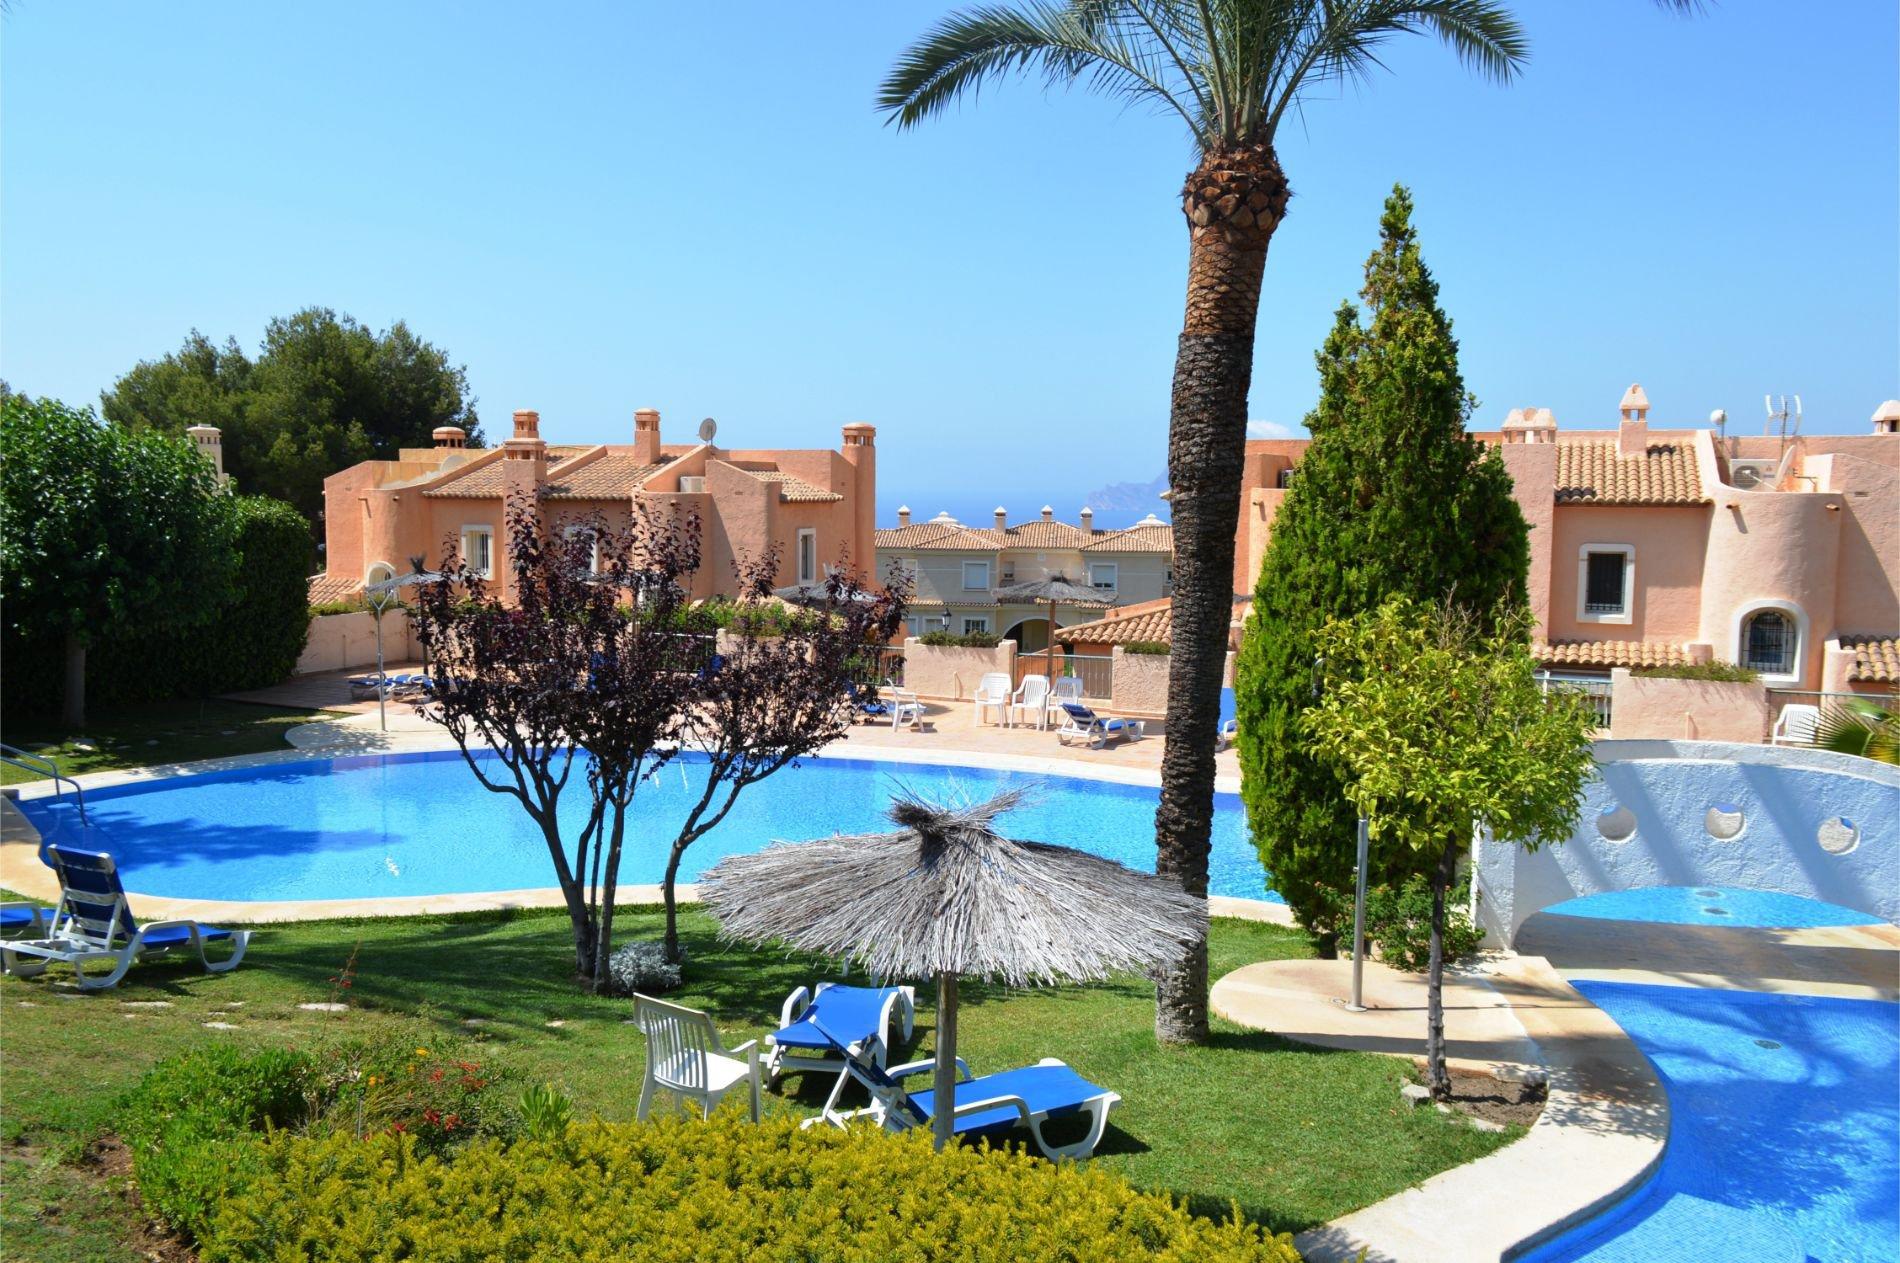 Villa moderne avec fabuleuse piscine et jardins